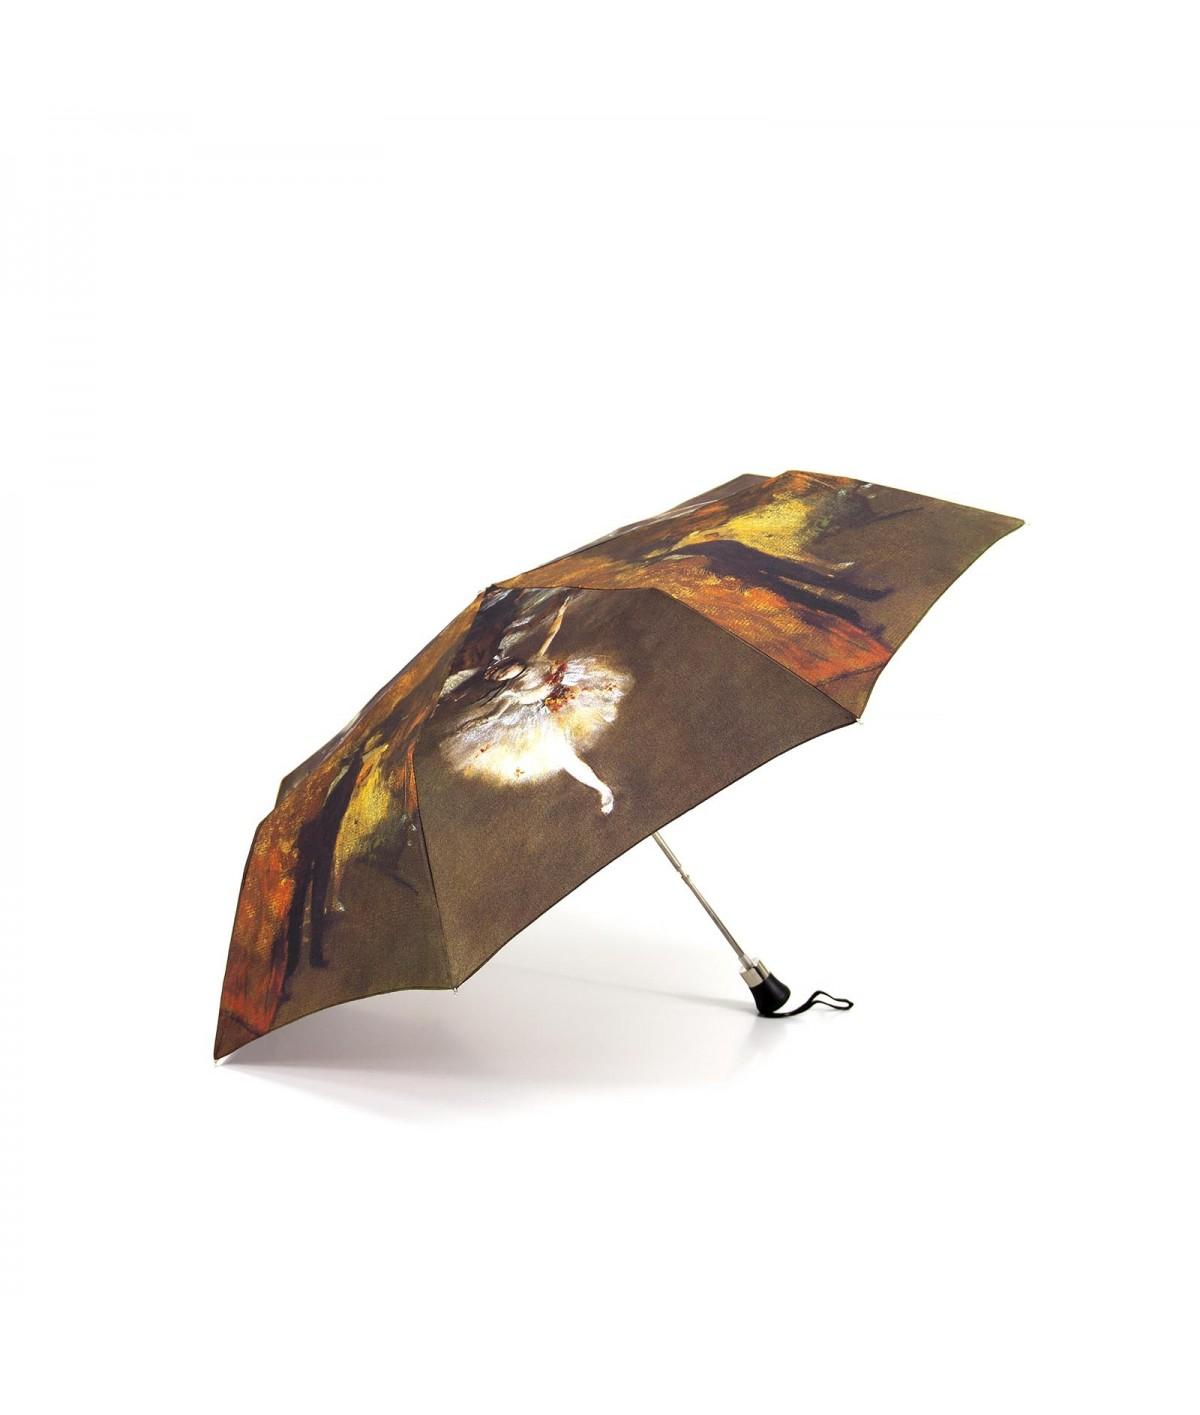 """→ Parapluie Série Limité Les Impressionnistes """" - """"La Danseuse Etoile"""" - Pliant - Albert DEGAS - Parapluie de Luxe"""